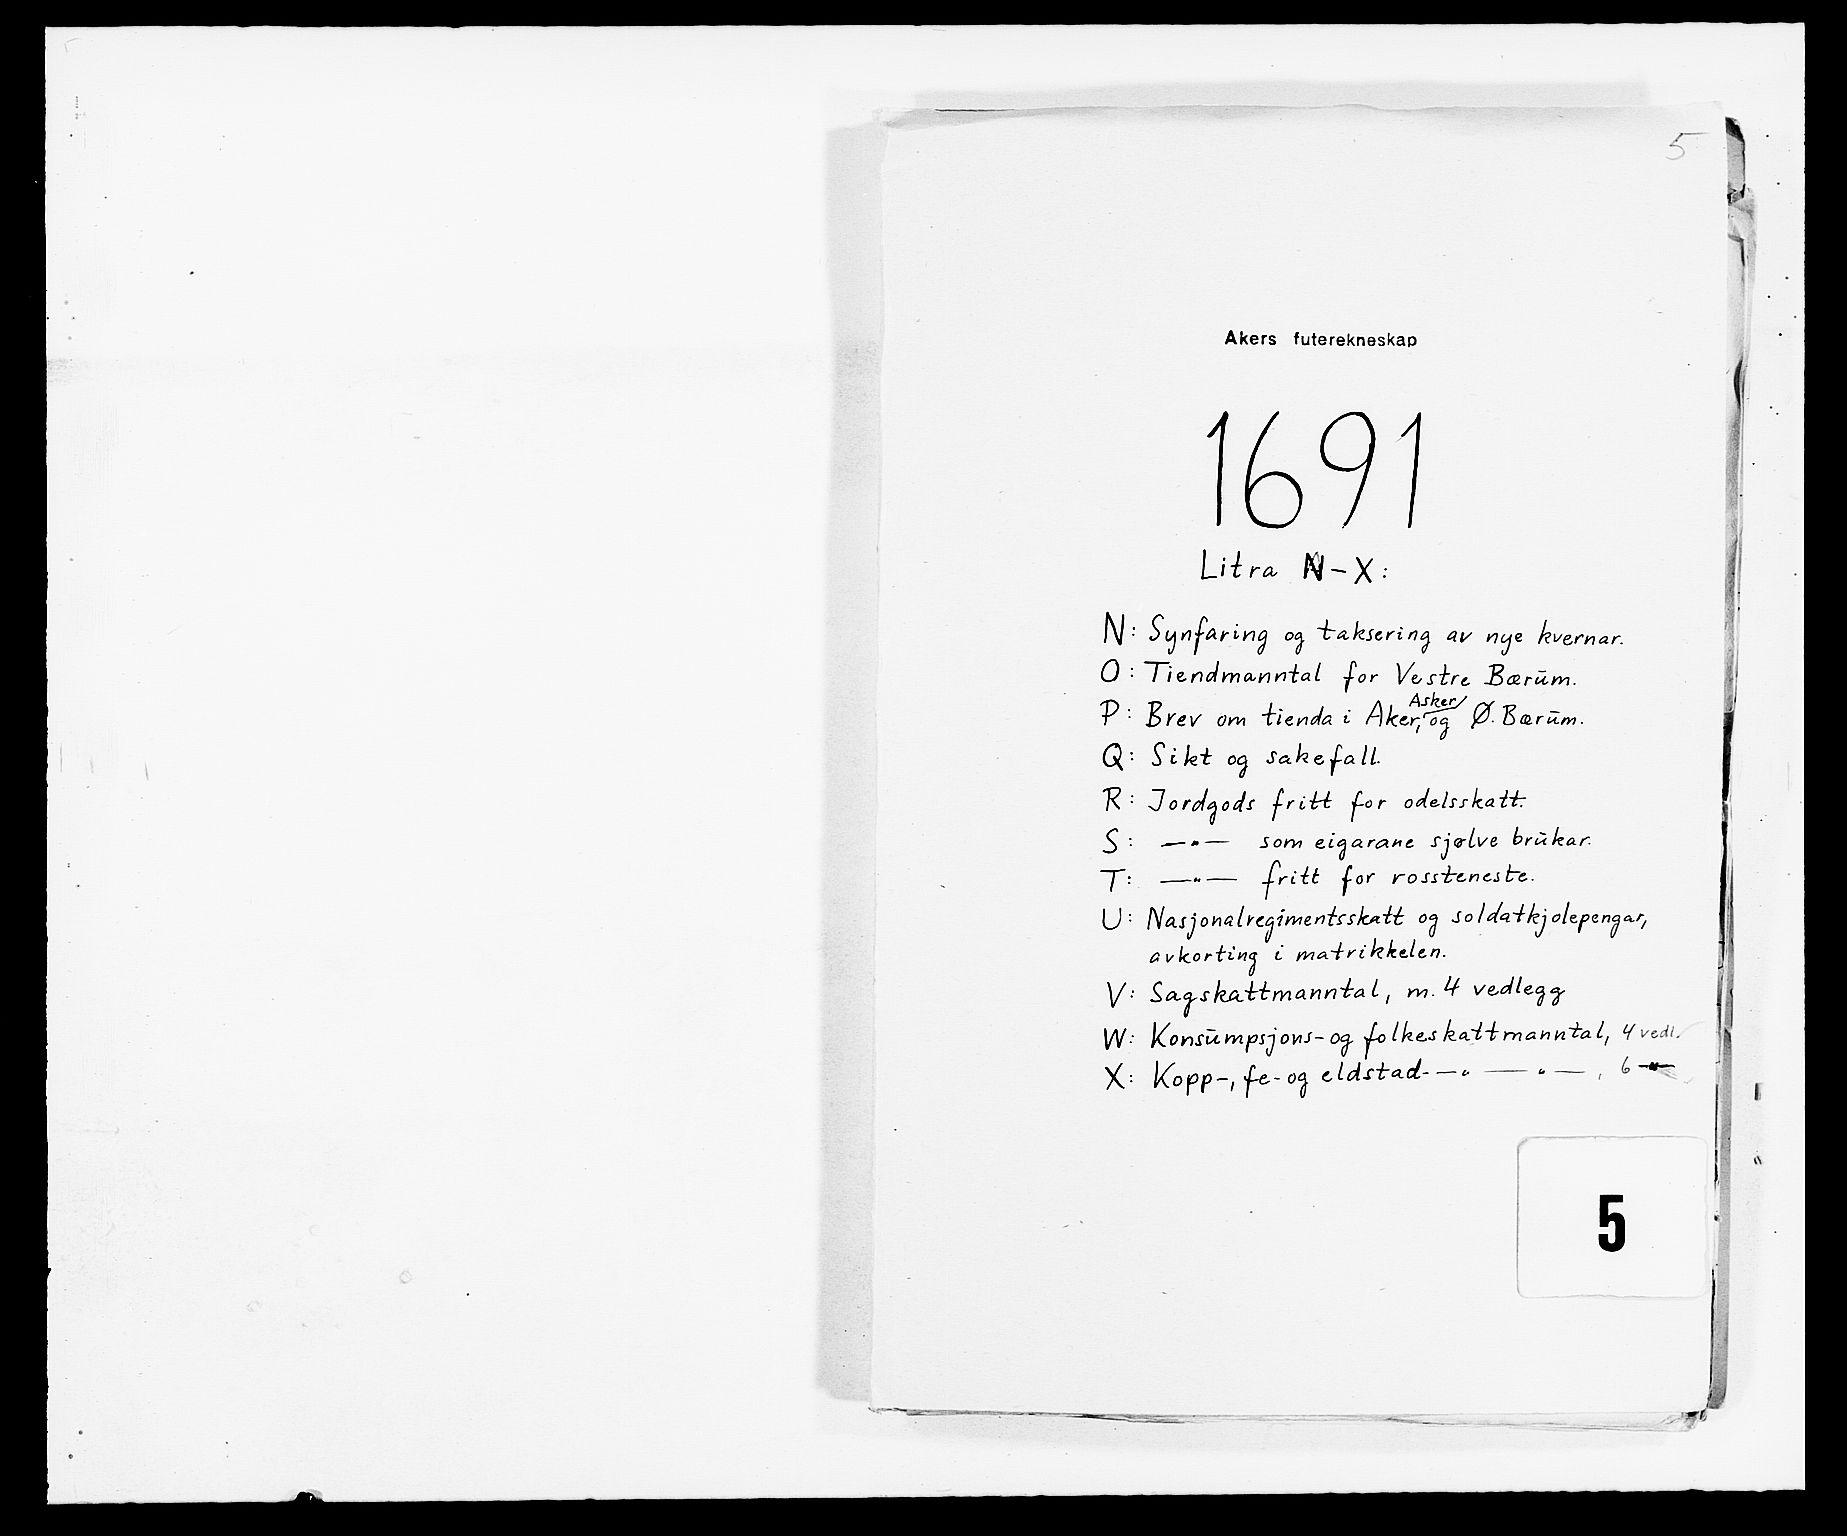 RA, Rentekammeret inntil 1814, Reviderte regnskaper, Fogderegnskap, R08/L0423: Fogderegnskap Aker, 1687-1689, s. 261